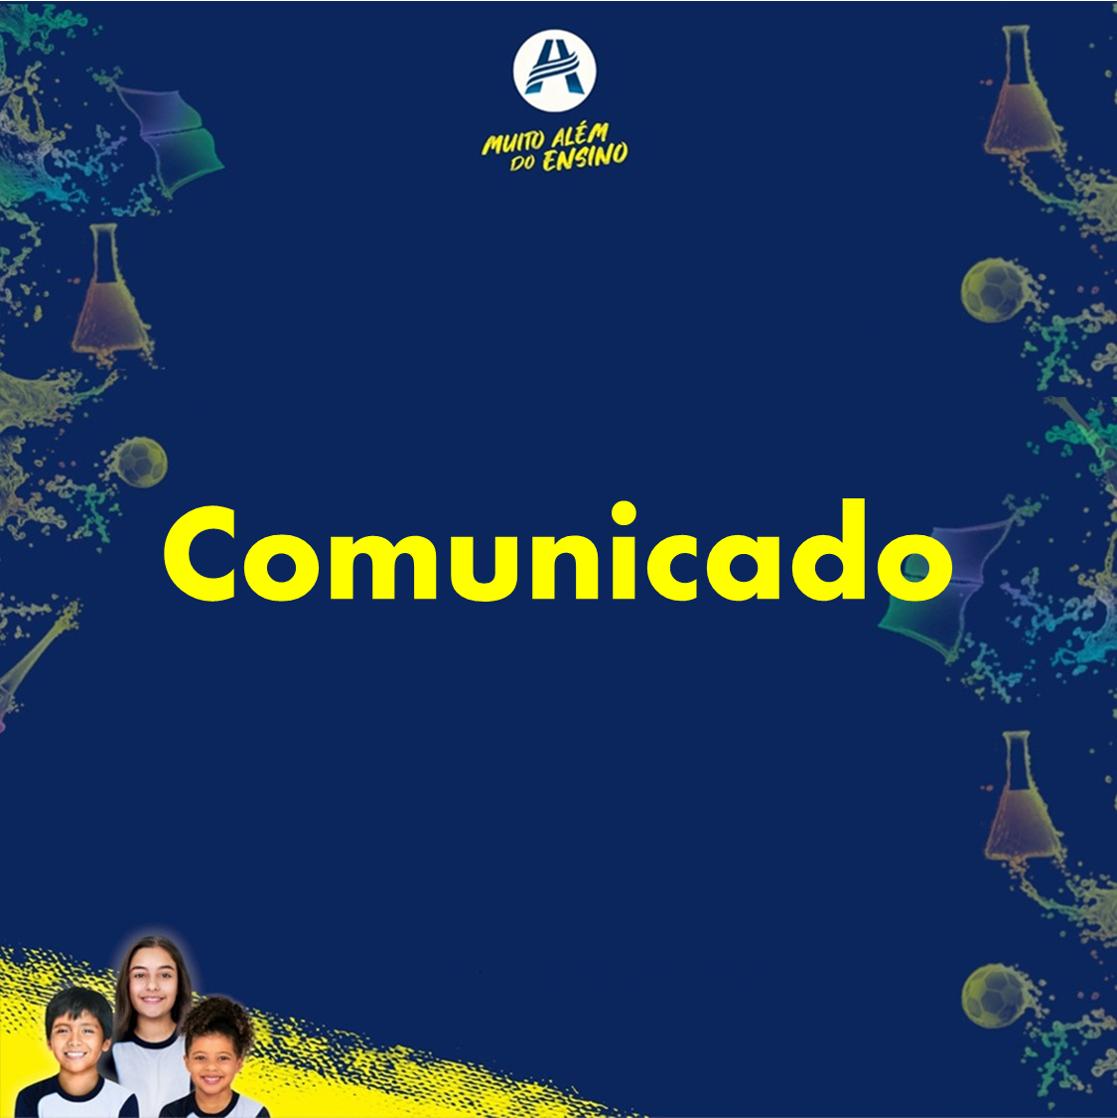 Comunicado 015 - Campanha Solidária